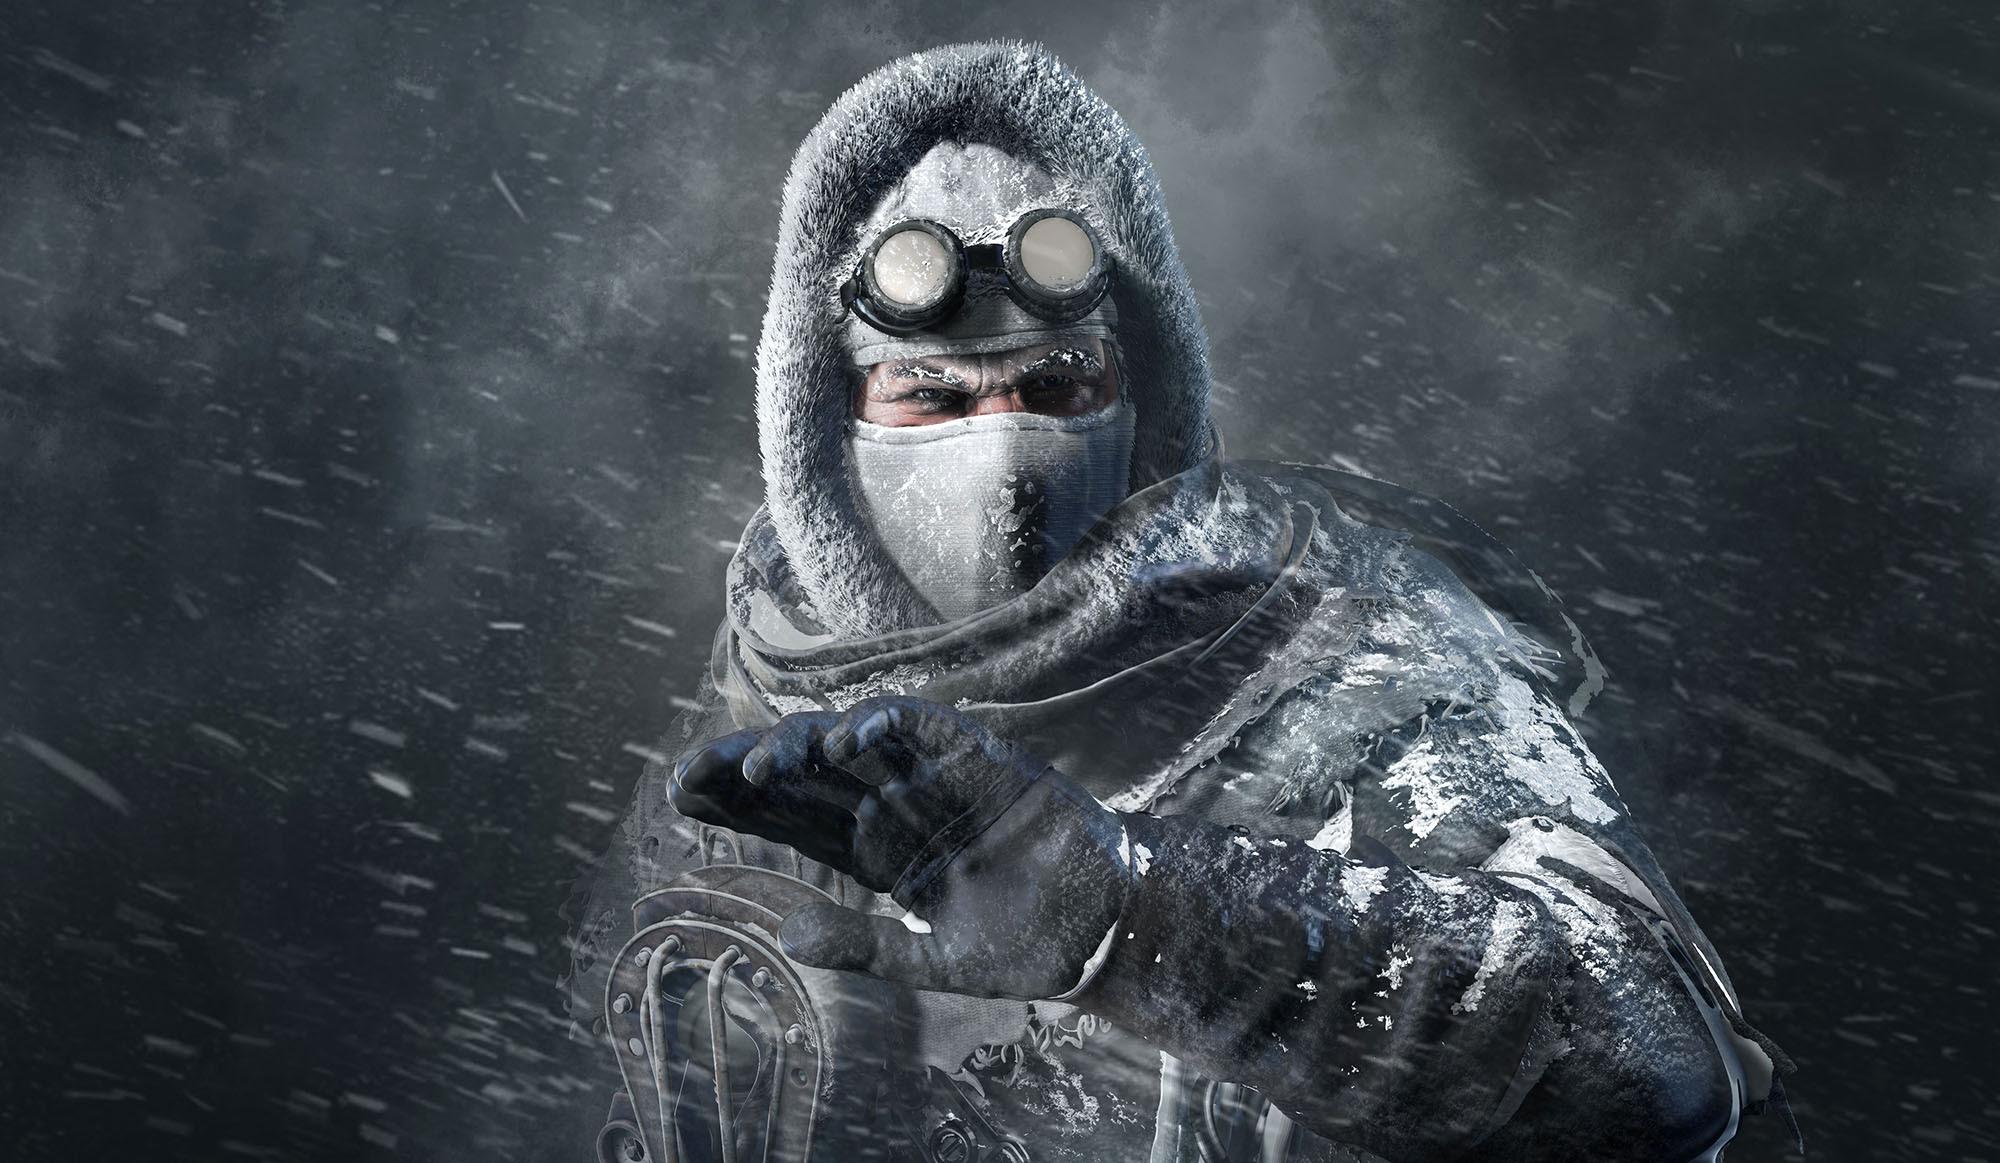 增加可玩性 《寒霜朋克》无尽模式扩展包即将推出